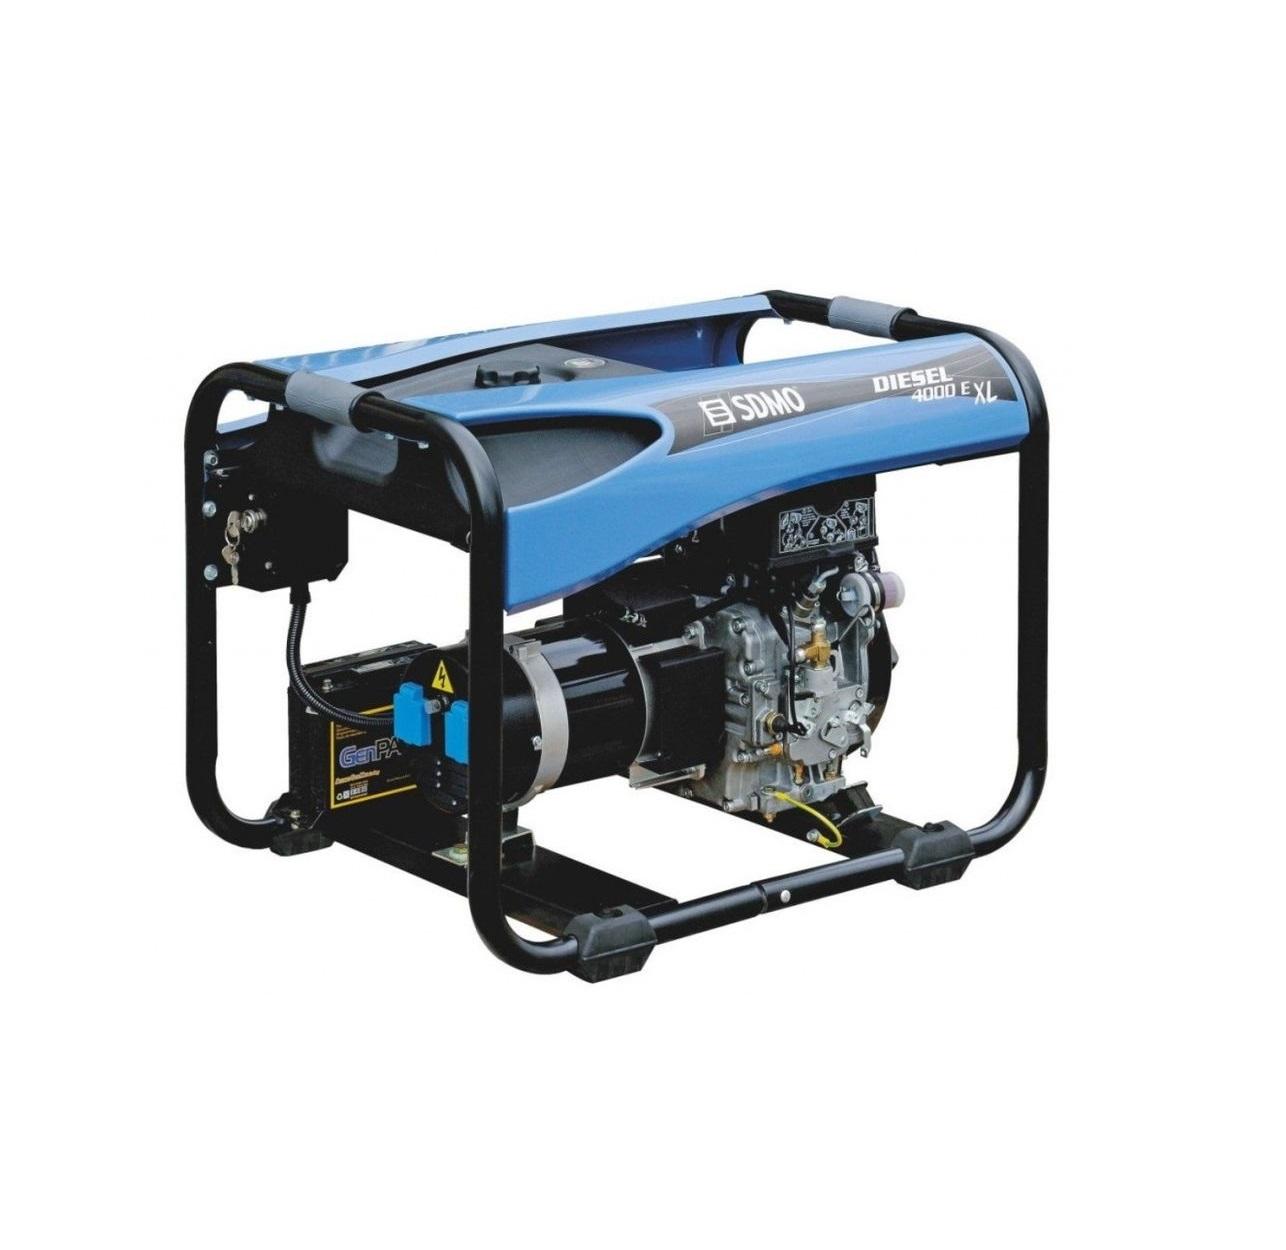 Дизельный генератор (электростанция) SDMO DIESEL 4000 E XL C